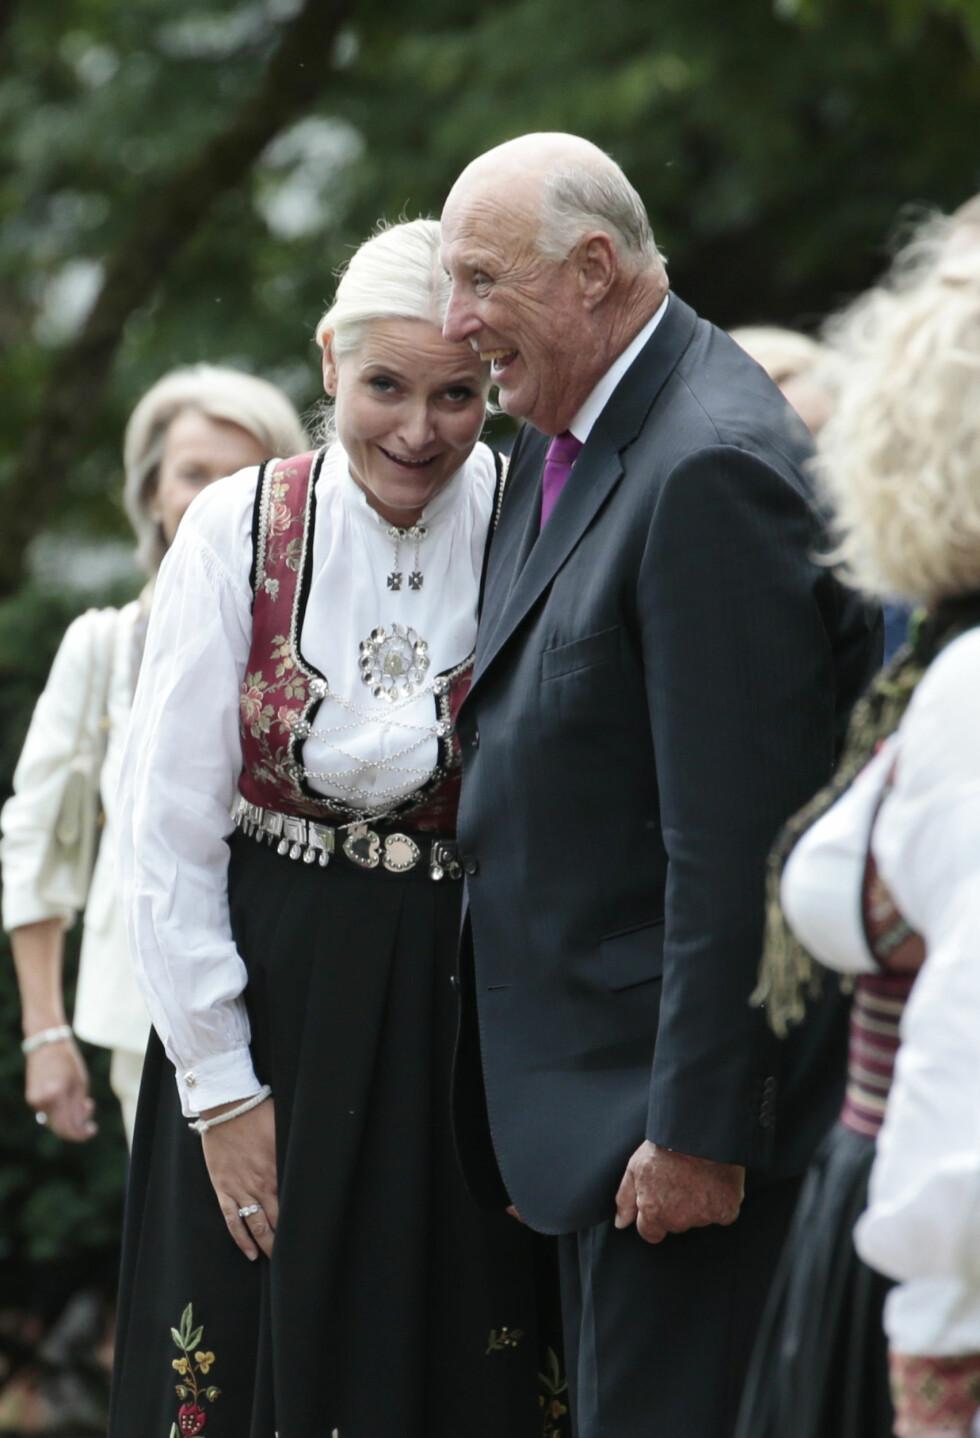 GOD STEMNING: Det er ingen tvil om at kong Harald og kronprinsesse Mette-Marit har et varmt og nært forhold!  Foto: NTB Scanpix